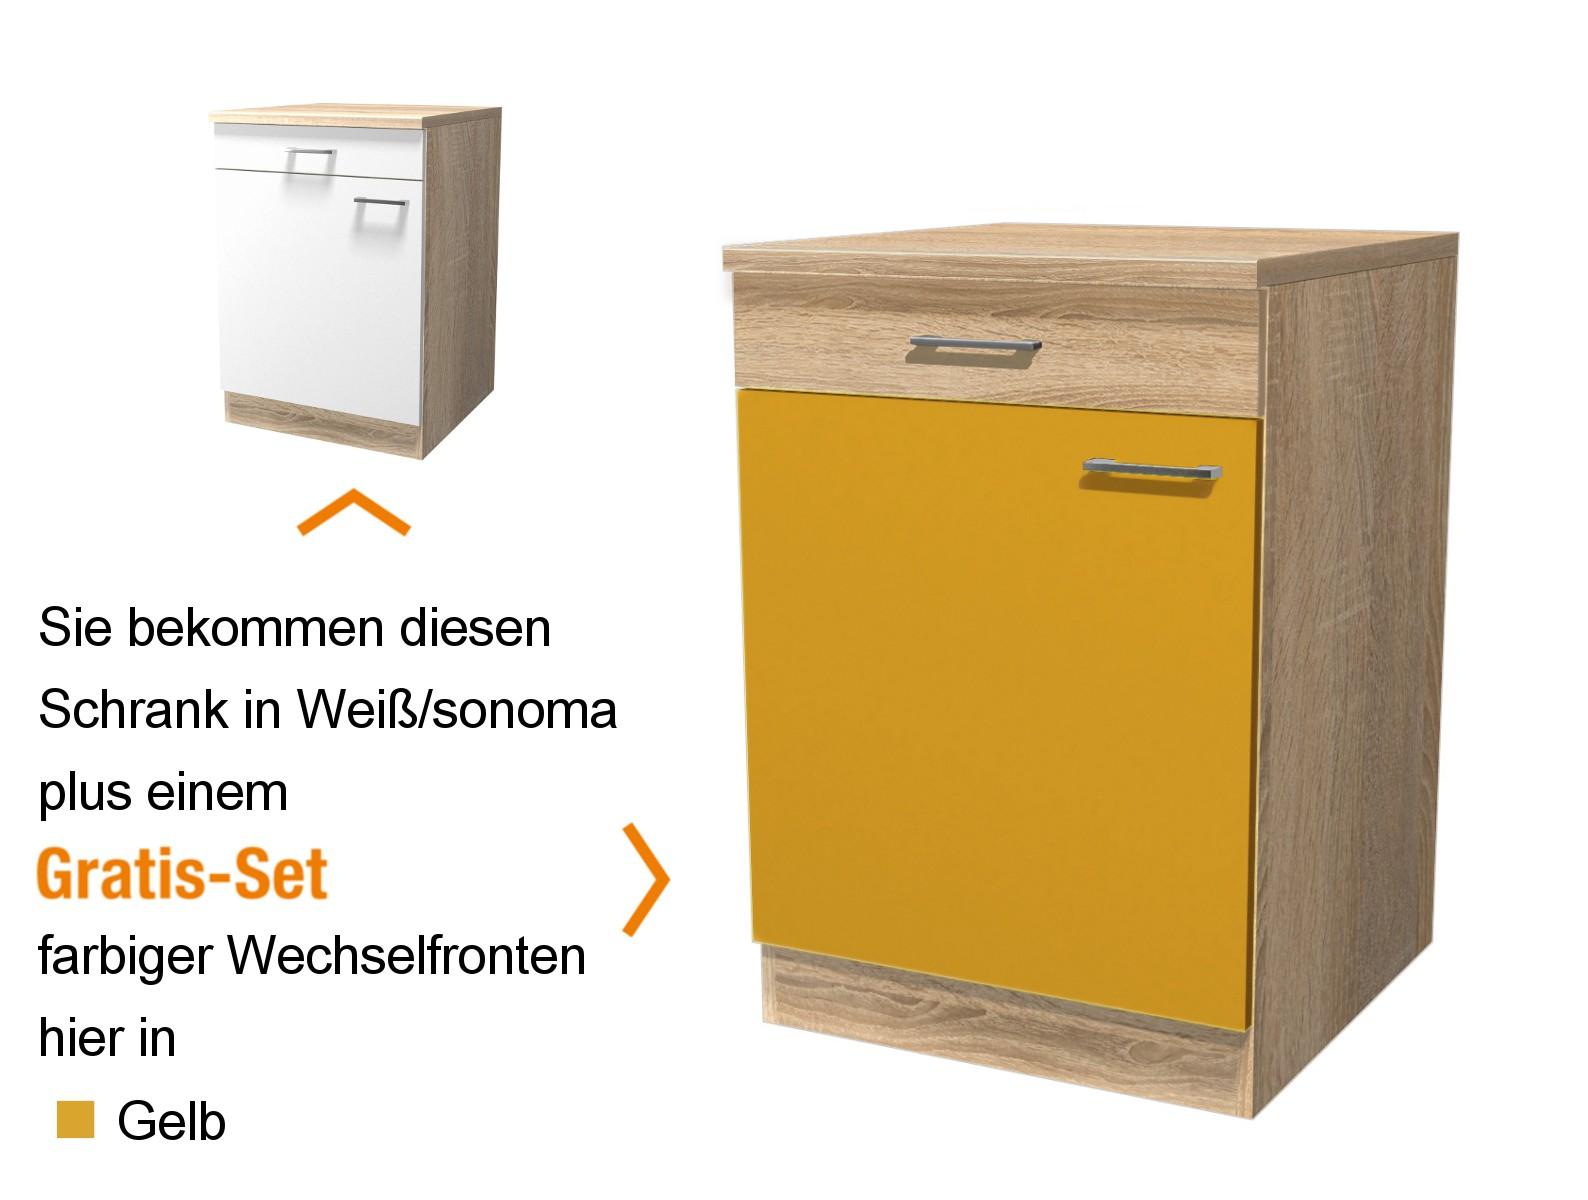 k chen unterschrank rom 1 t rig 60 cm breit gelb k che k chen unterschr nke. Black Bedroom Furniture Sets. Home Design Ideas